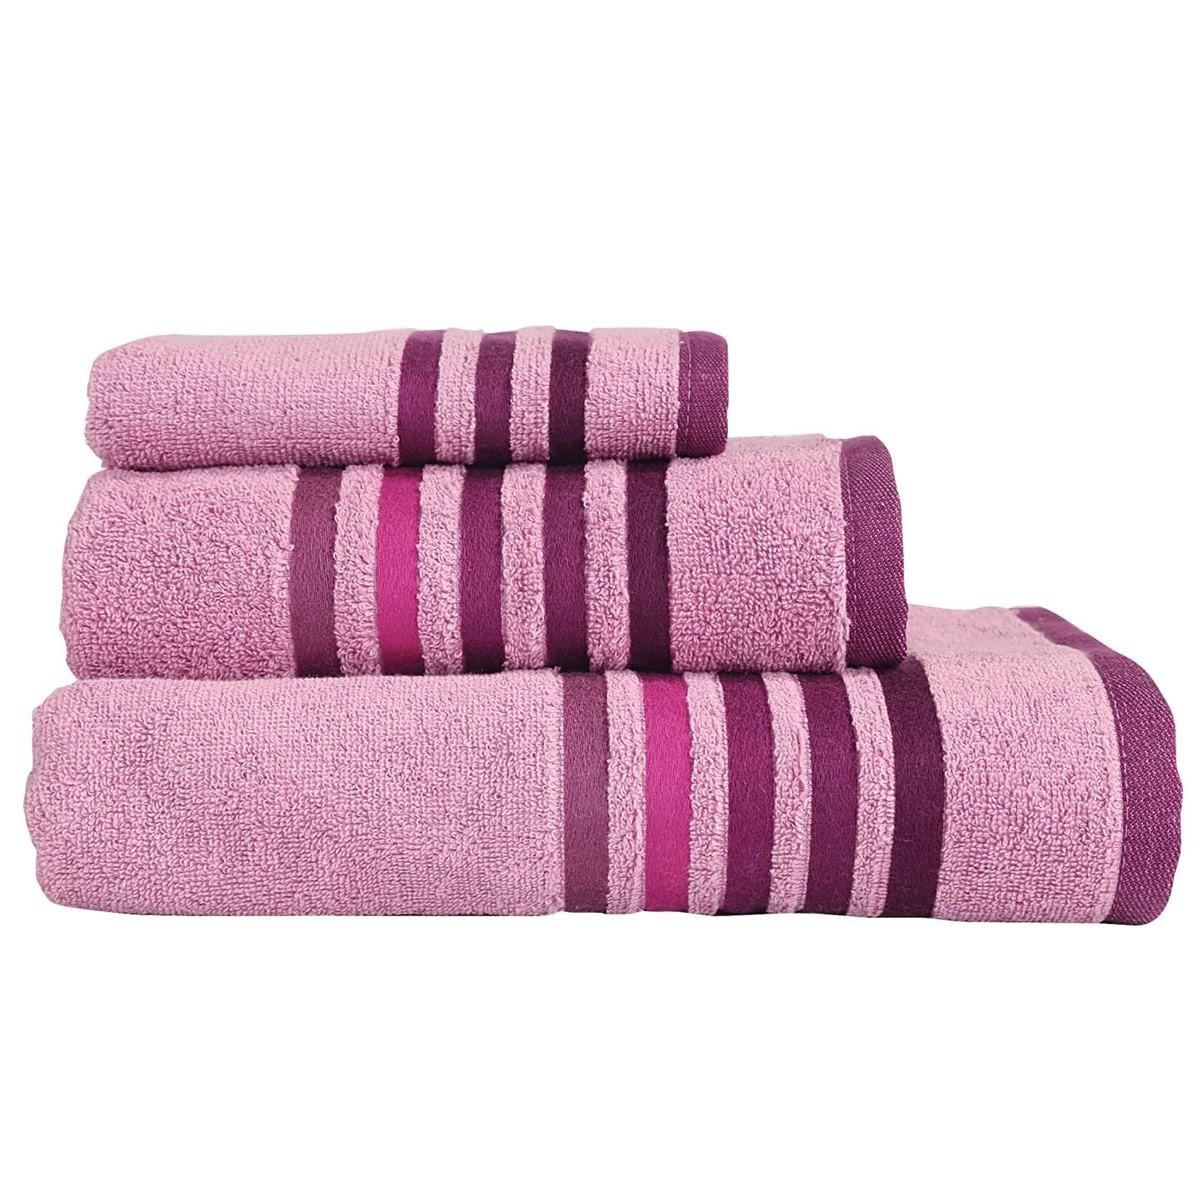 Πετσέτες Μπάνιου (Σετ 3τμχ) Nef-Nef Lines Apple home   μπάνιο   πετσέτες μπάνιου